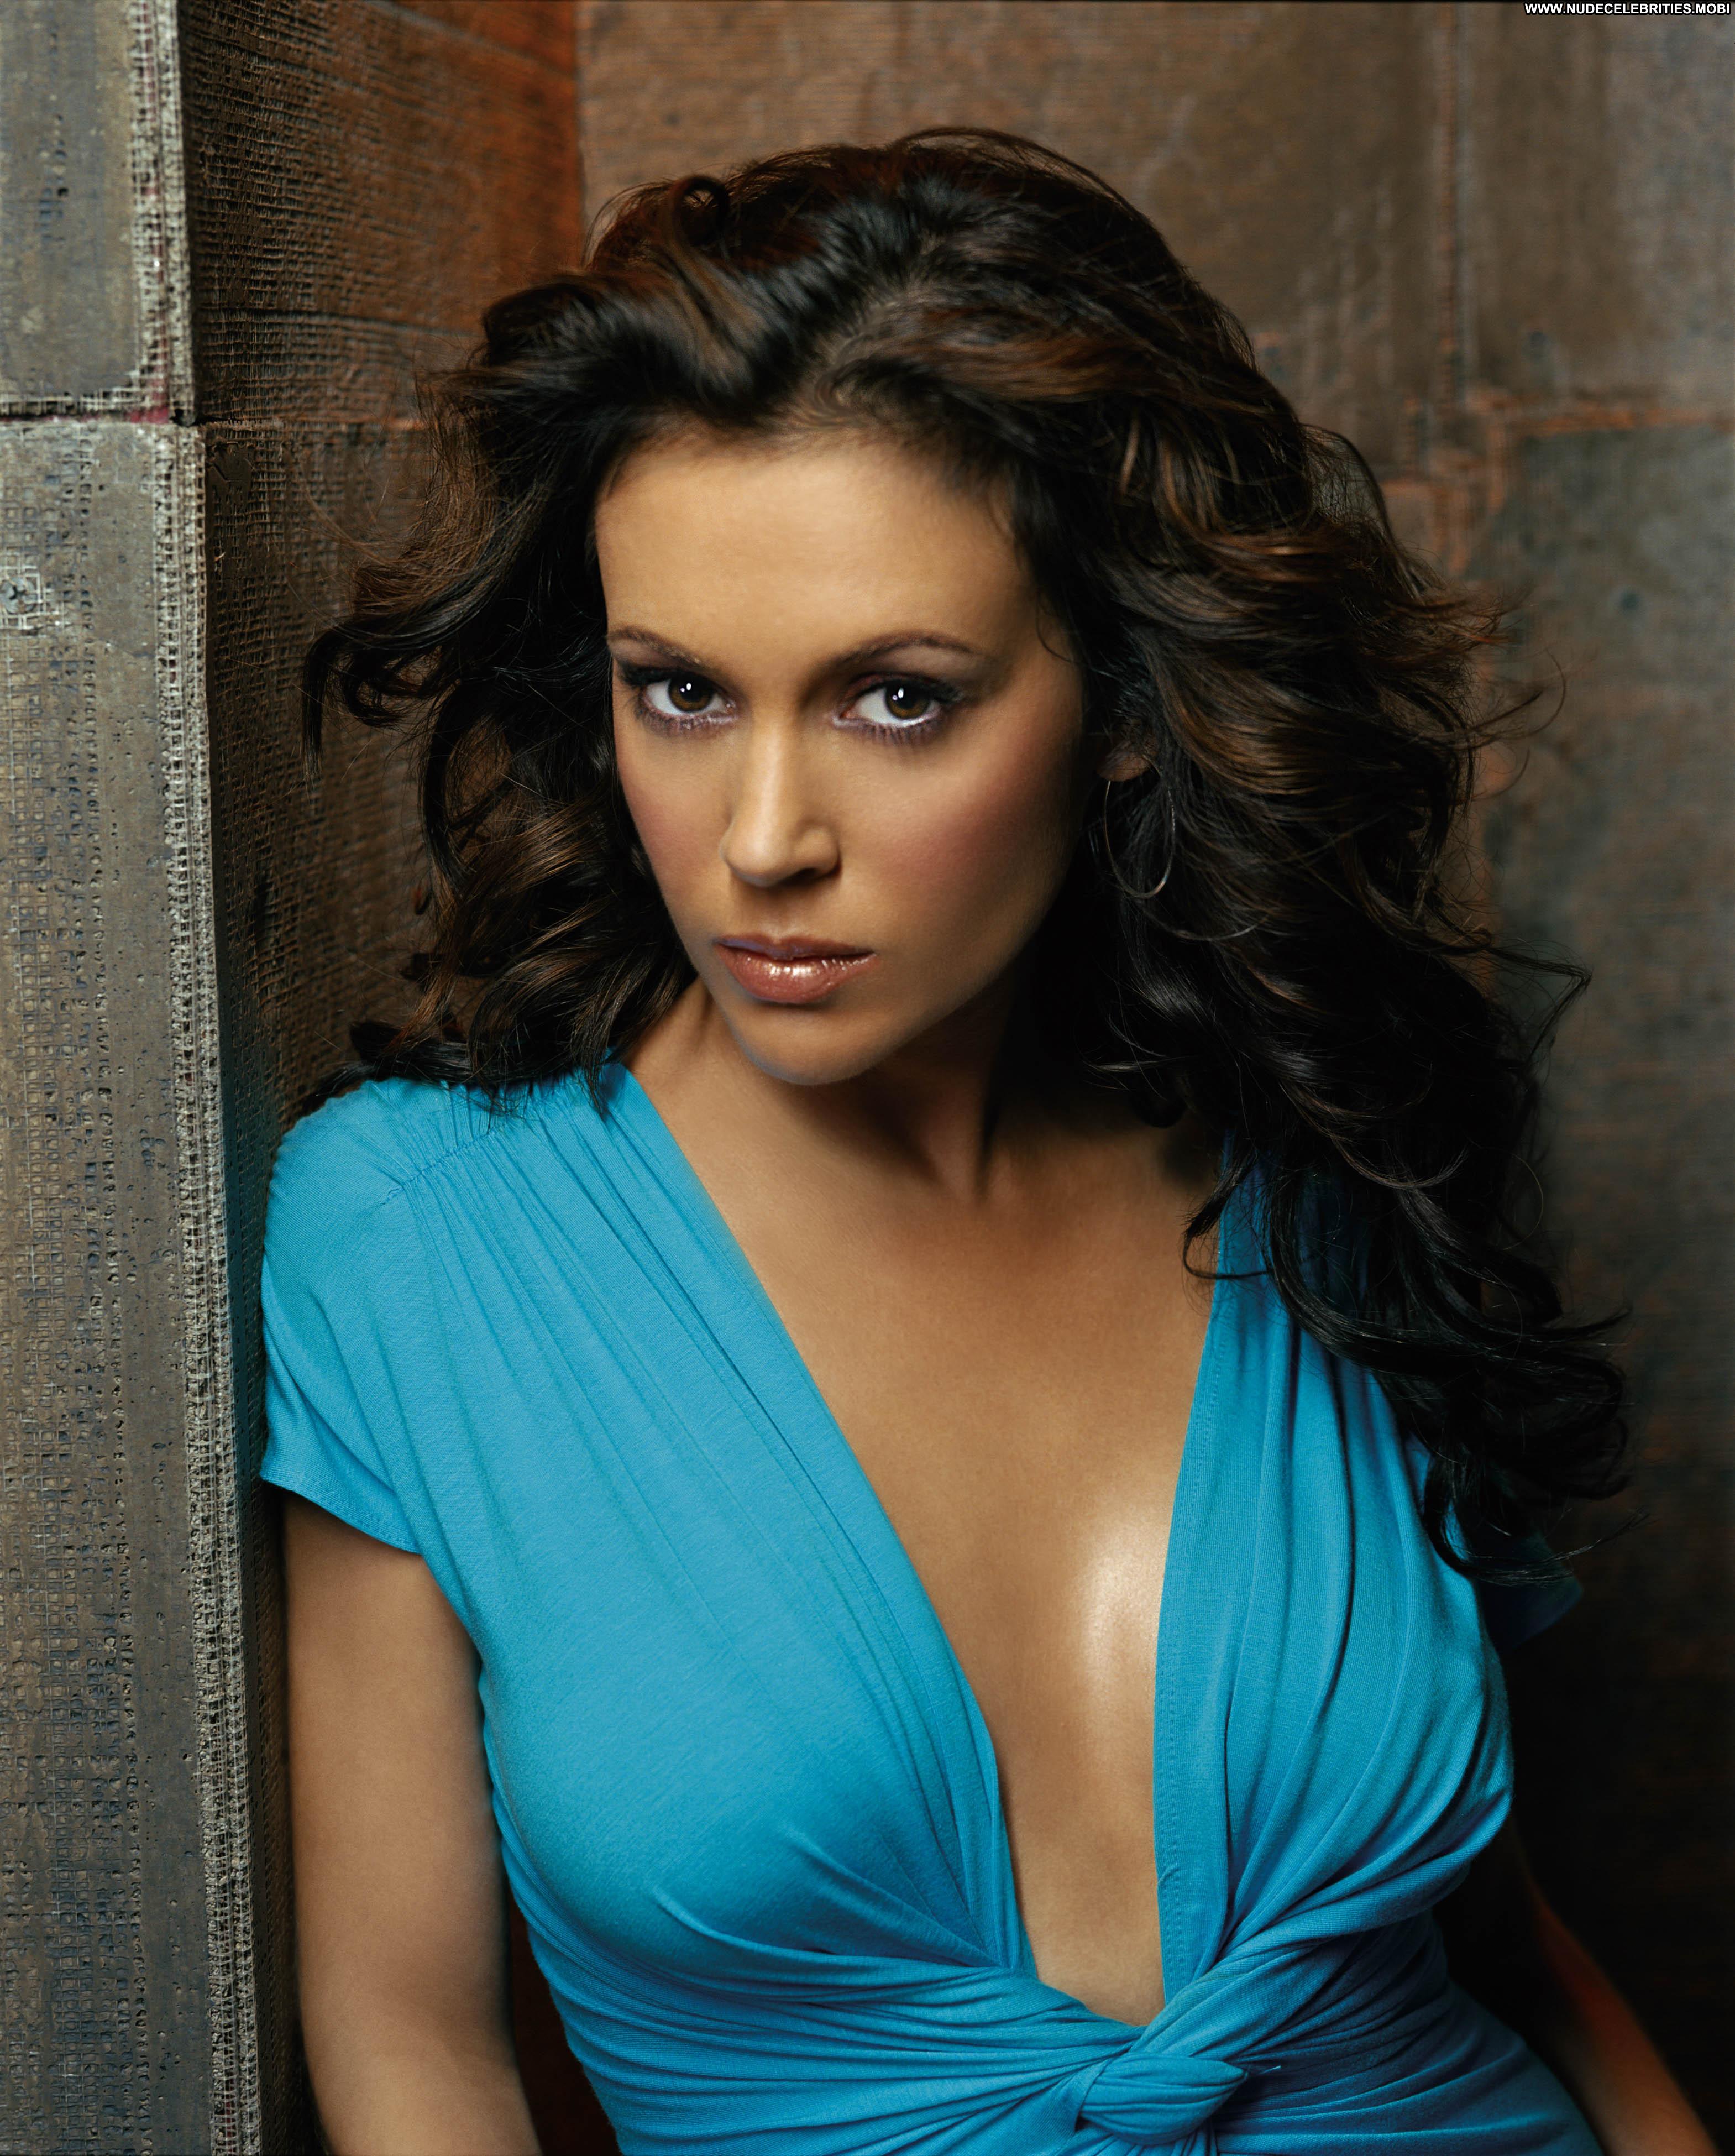 Alyssa Milano No Source Celebrity Beautiful Babe Posing Hot